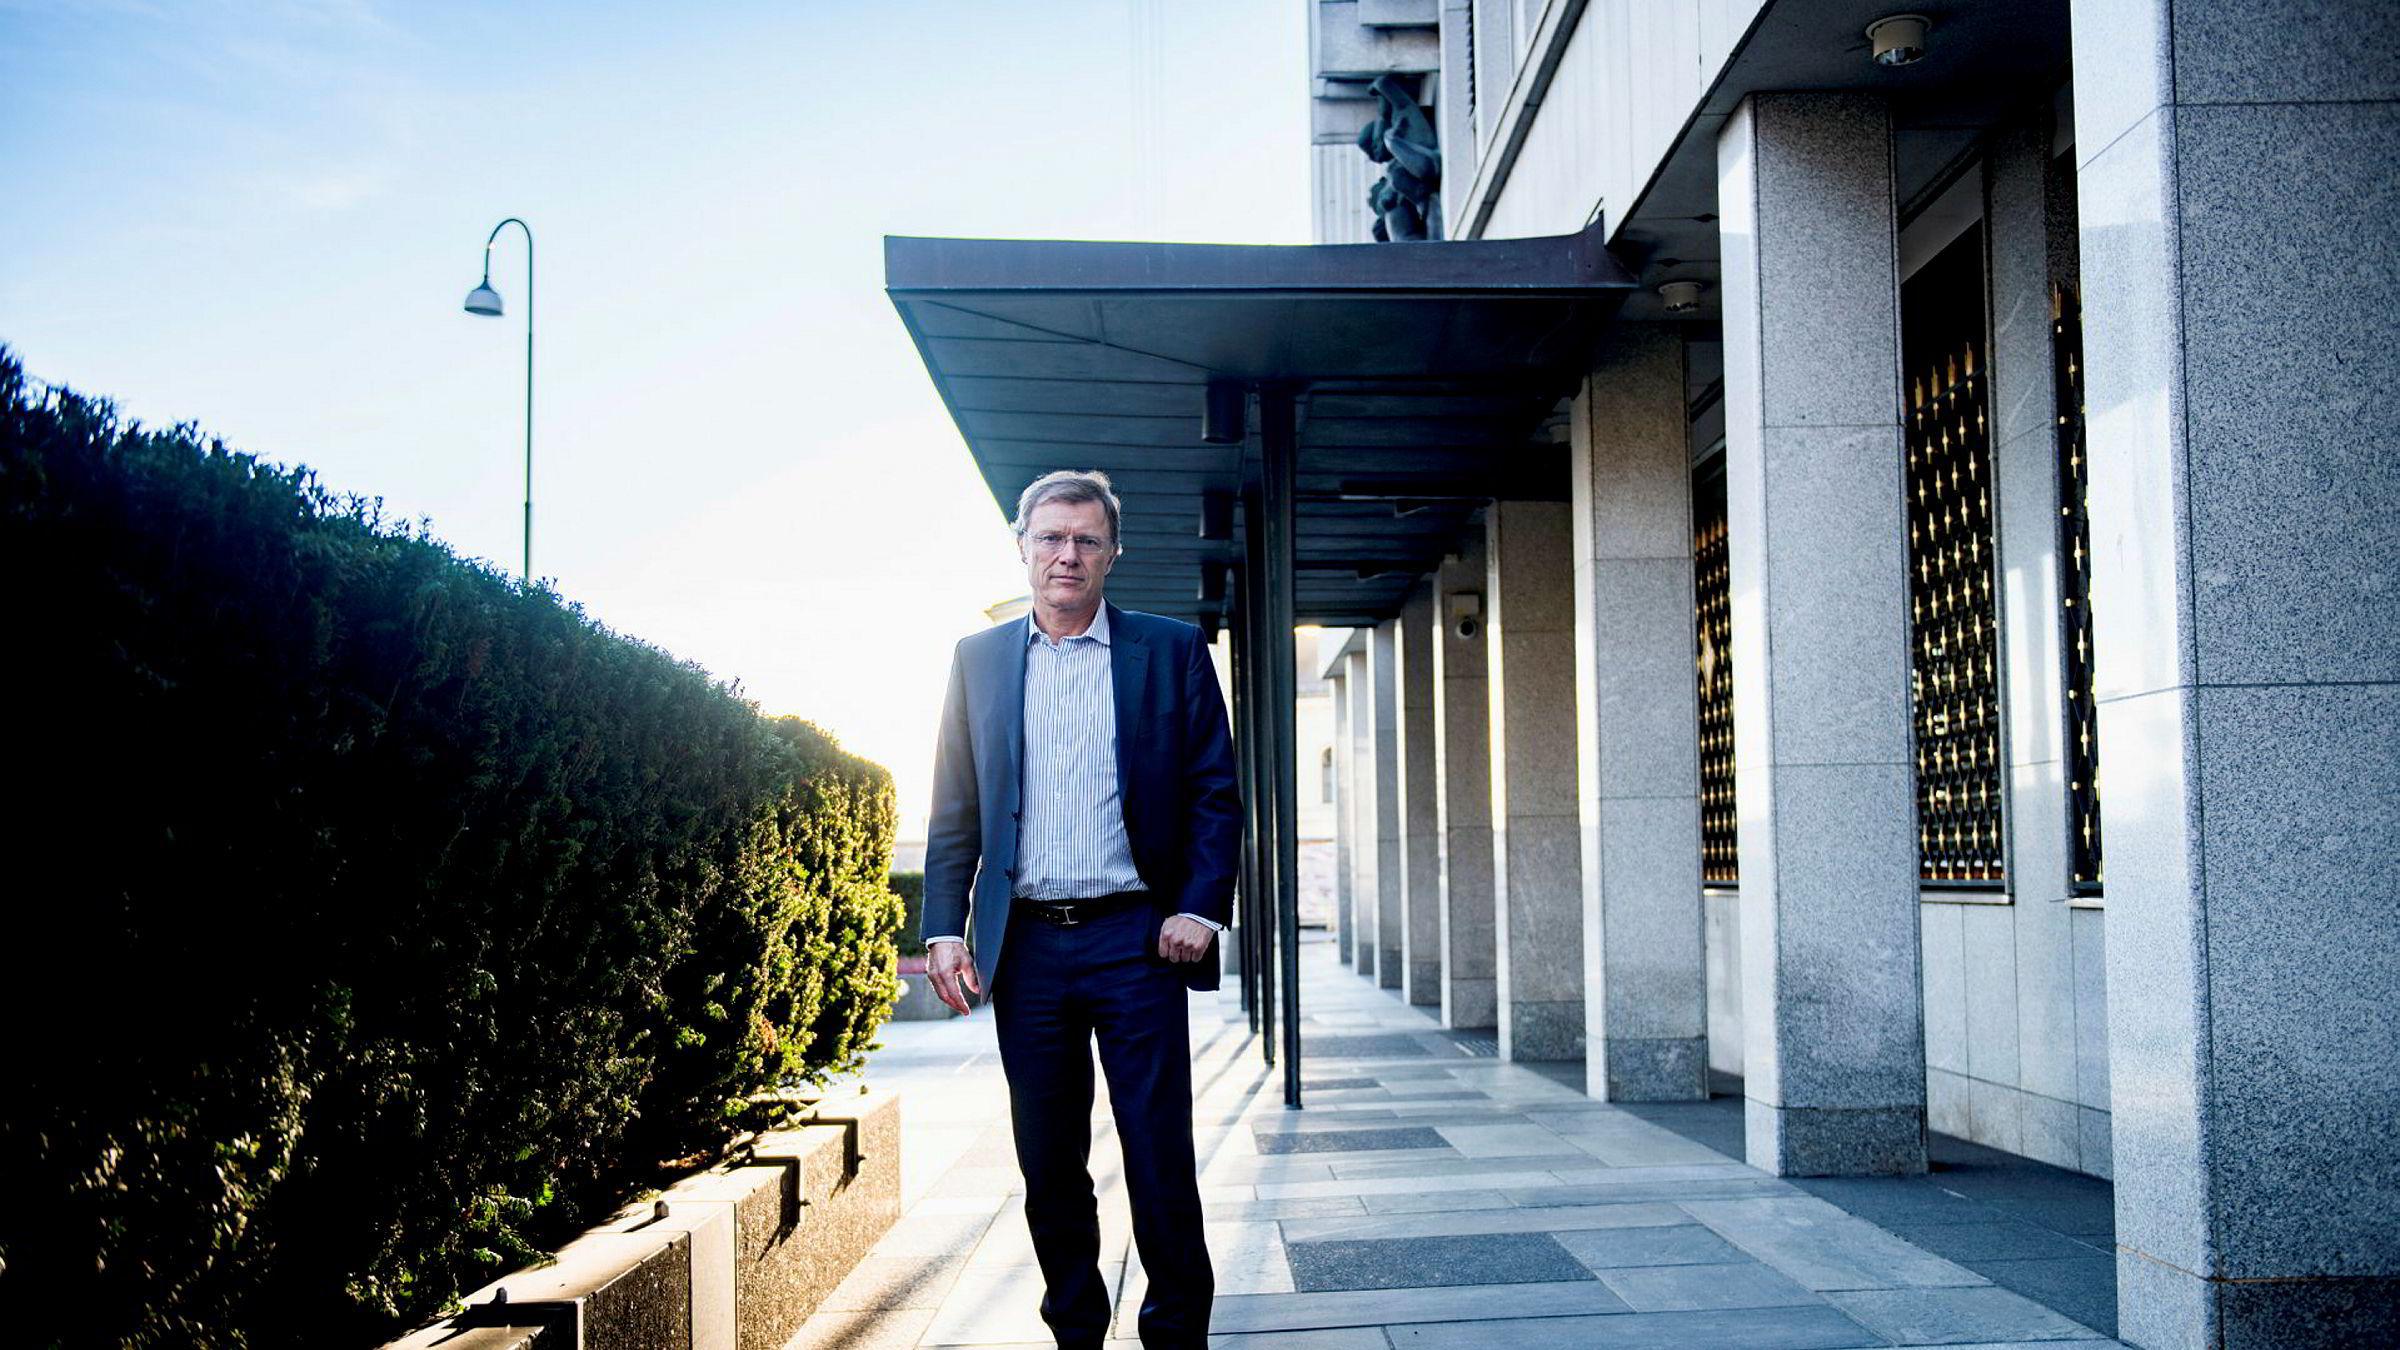 Sjefstrateg Peter Hermanrud i Sparebank 1 Markets tror det er 30 prosent sannsynlighet for et langvarig fall i boligprismarkededet.